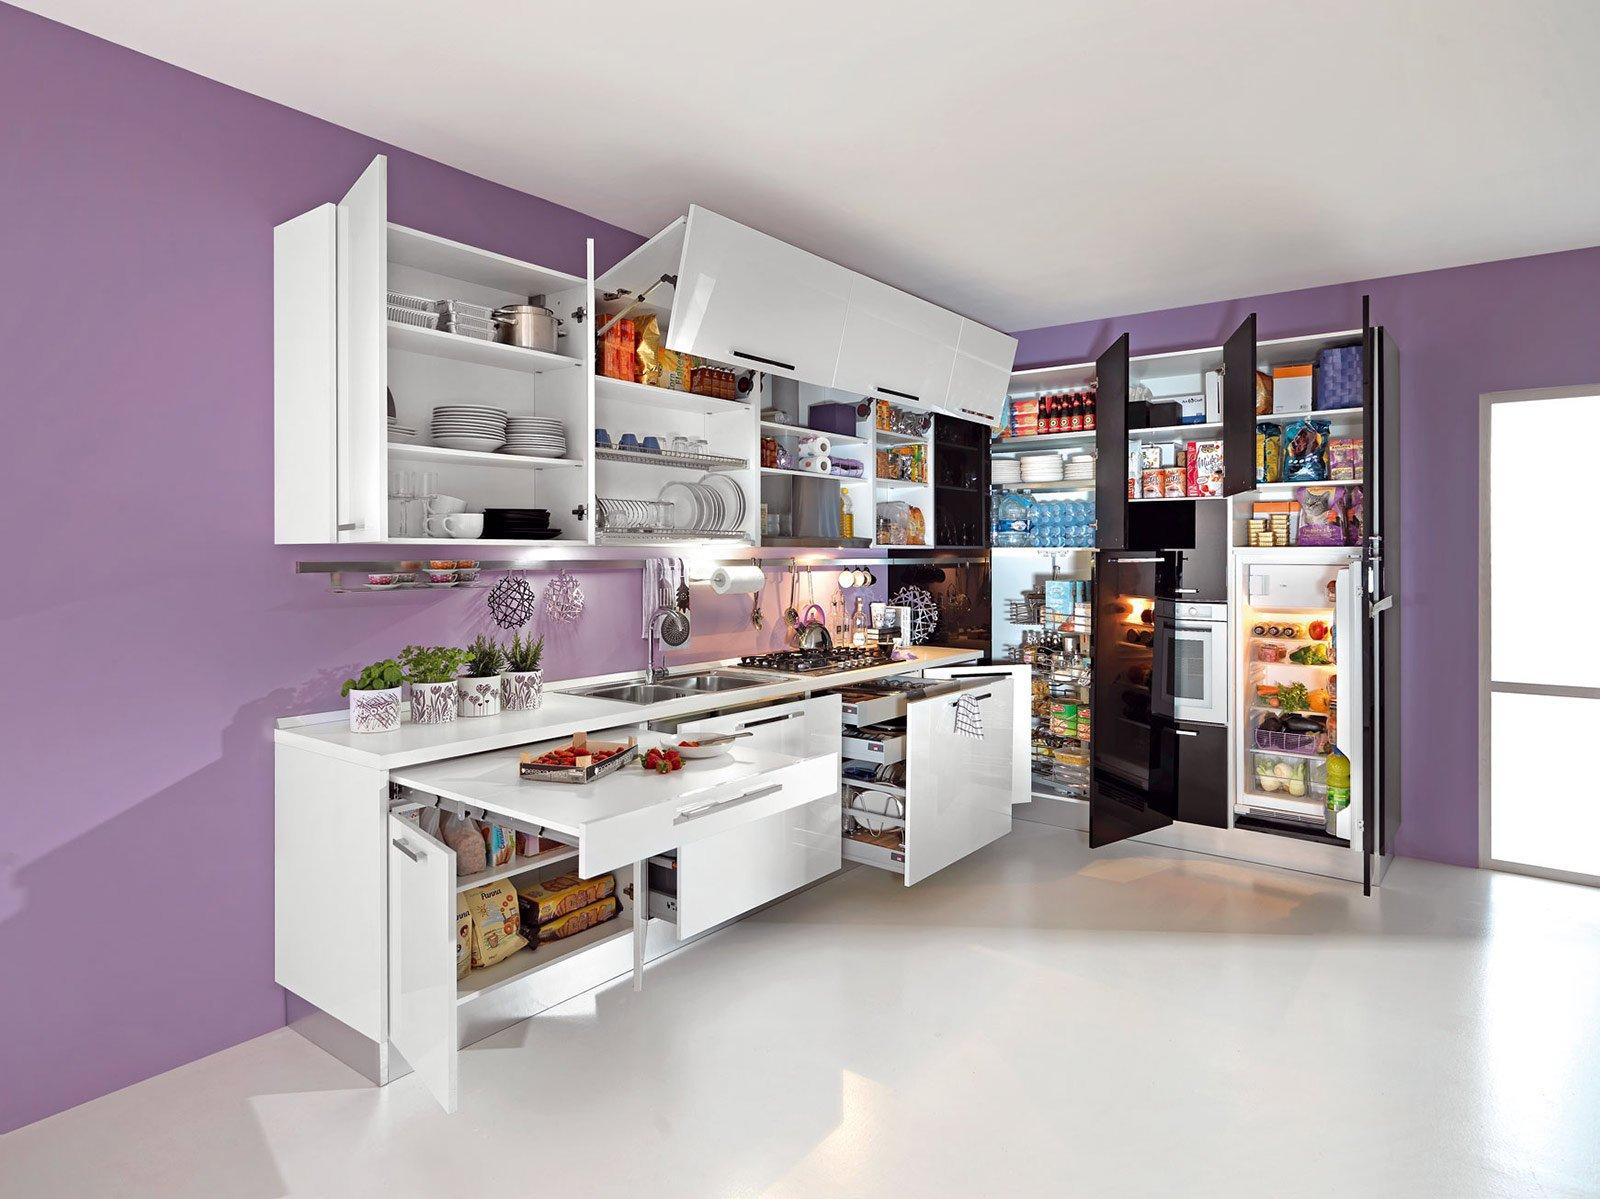 Cucine Con Angolo Dispensa. Interesting Cucina Ad Angolo Ue With ...